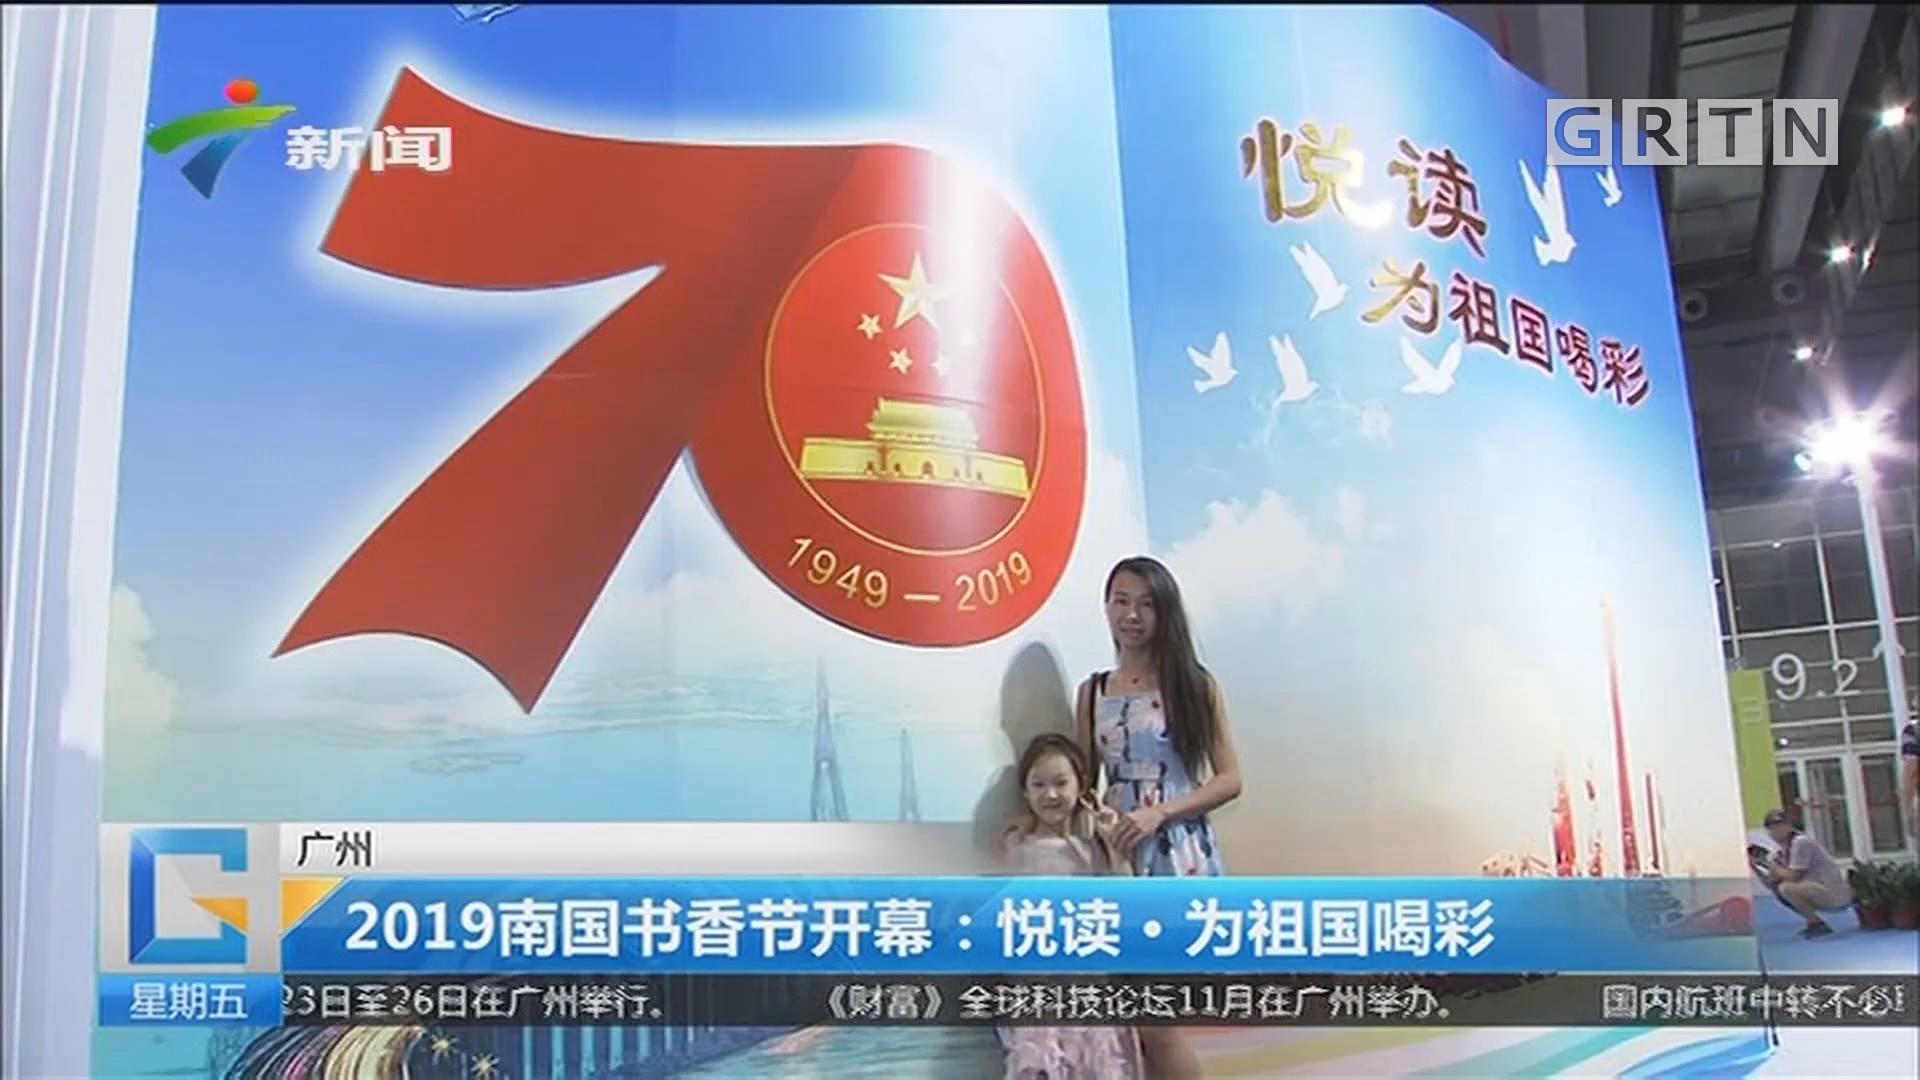 广州 2019南国书香节开幕:悦读·为祖国喝彩